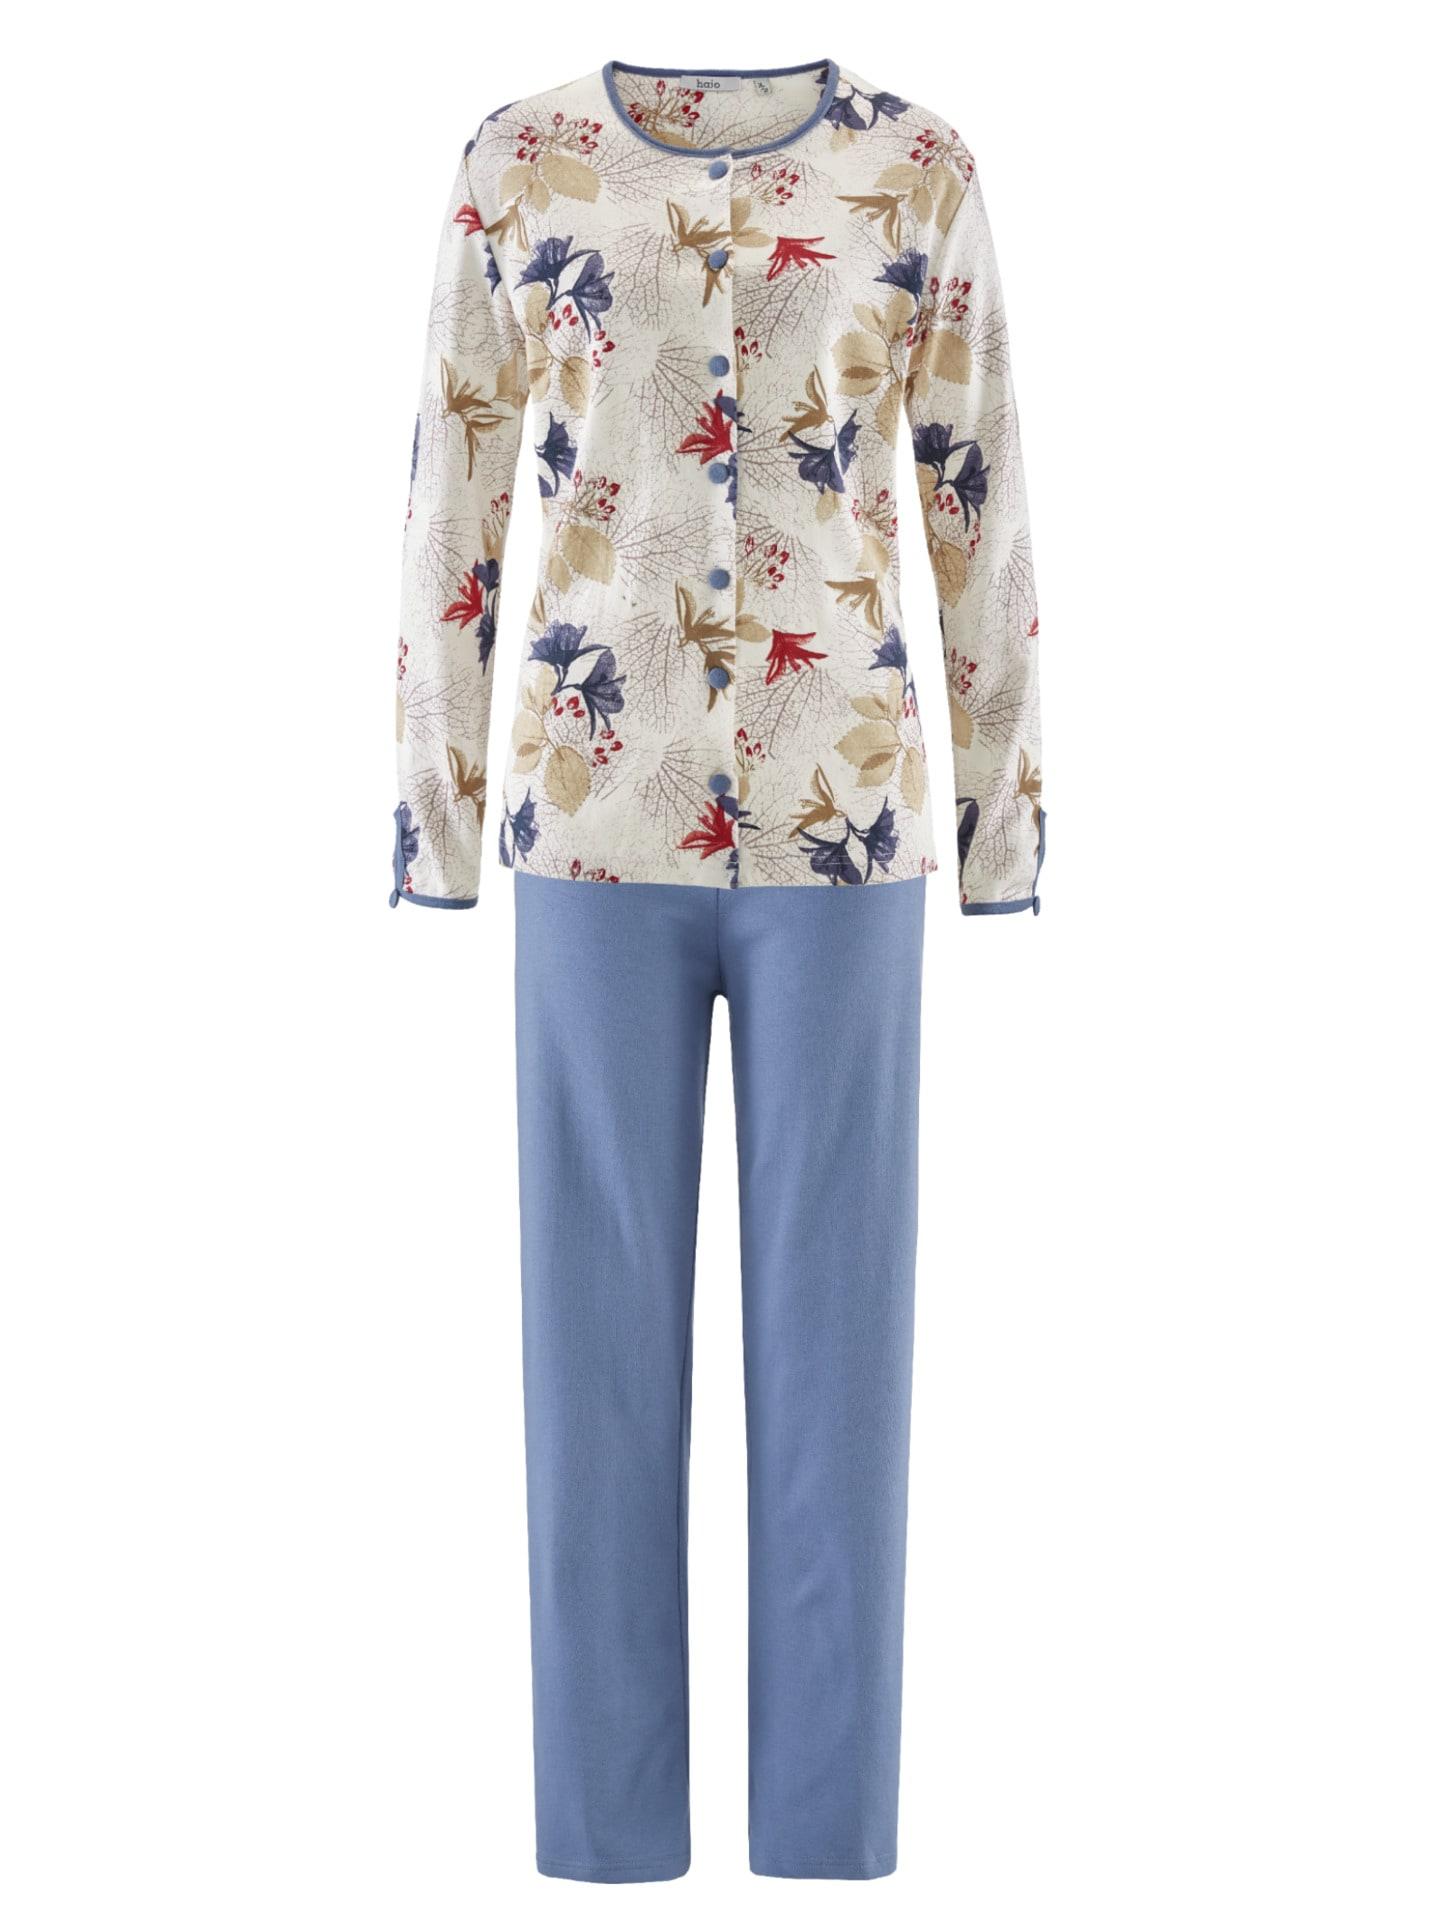 Avena Damen Pyjama Lila noch offen: Muster 42-6473-2_MV8880